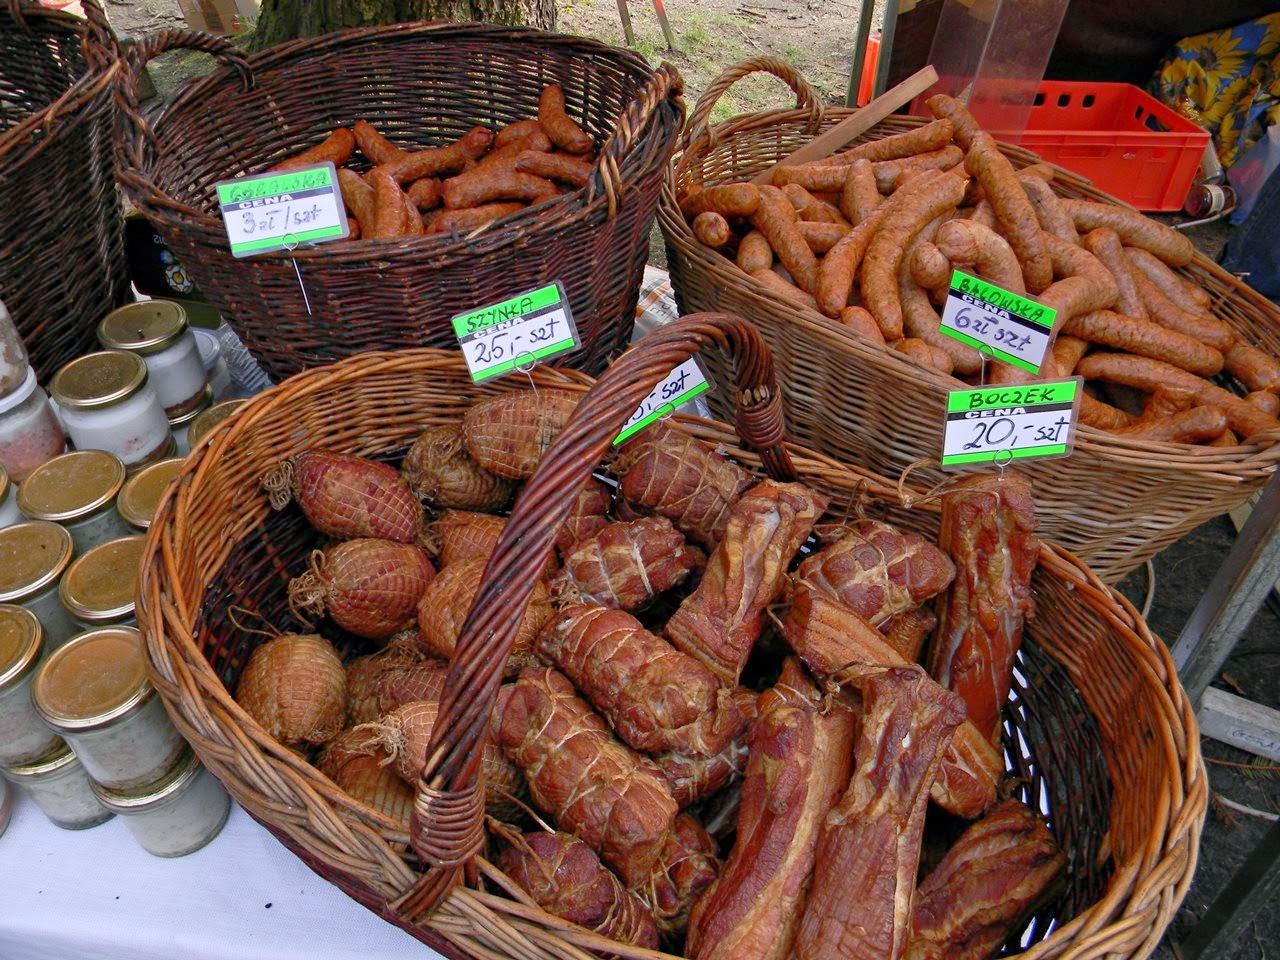 jarmark, jedzenie, przetwory, kiełbasa, boczek